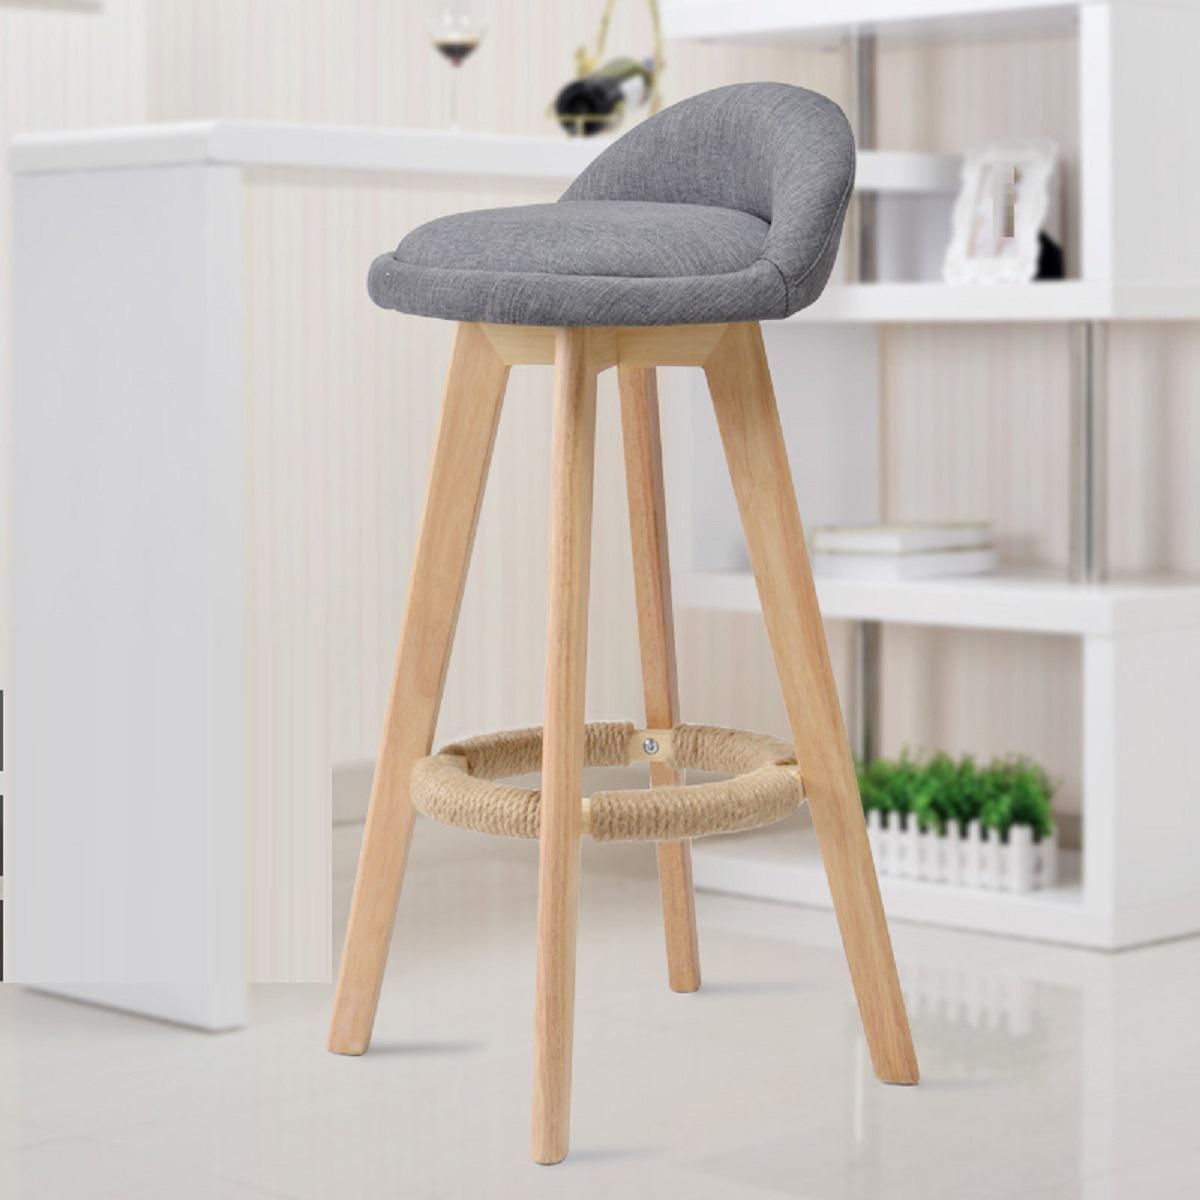 GAOJIAN Solid Wood Bar Chair Creative High Chair European Style Bar Chair Wood Front Desk Retro Bar Stool High Feet Stools , b